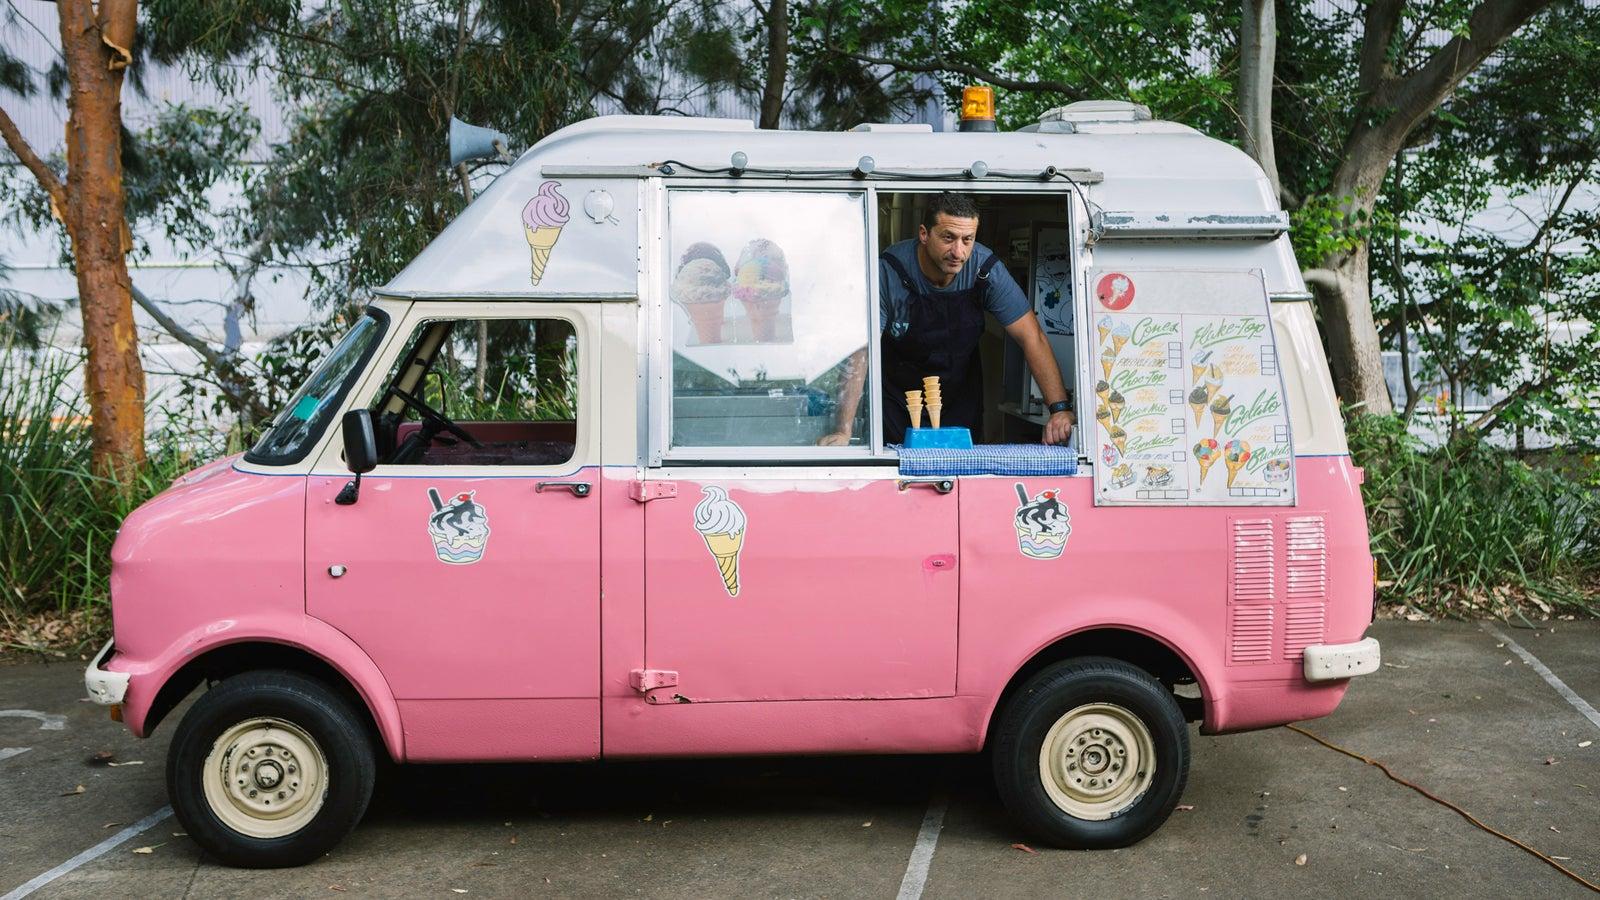 Ende April wurden in London bereits die ersten Verbotsschilder aufgestellt, die die beliebten Eiswagen von den Straßen verbannt.